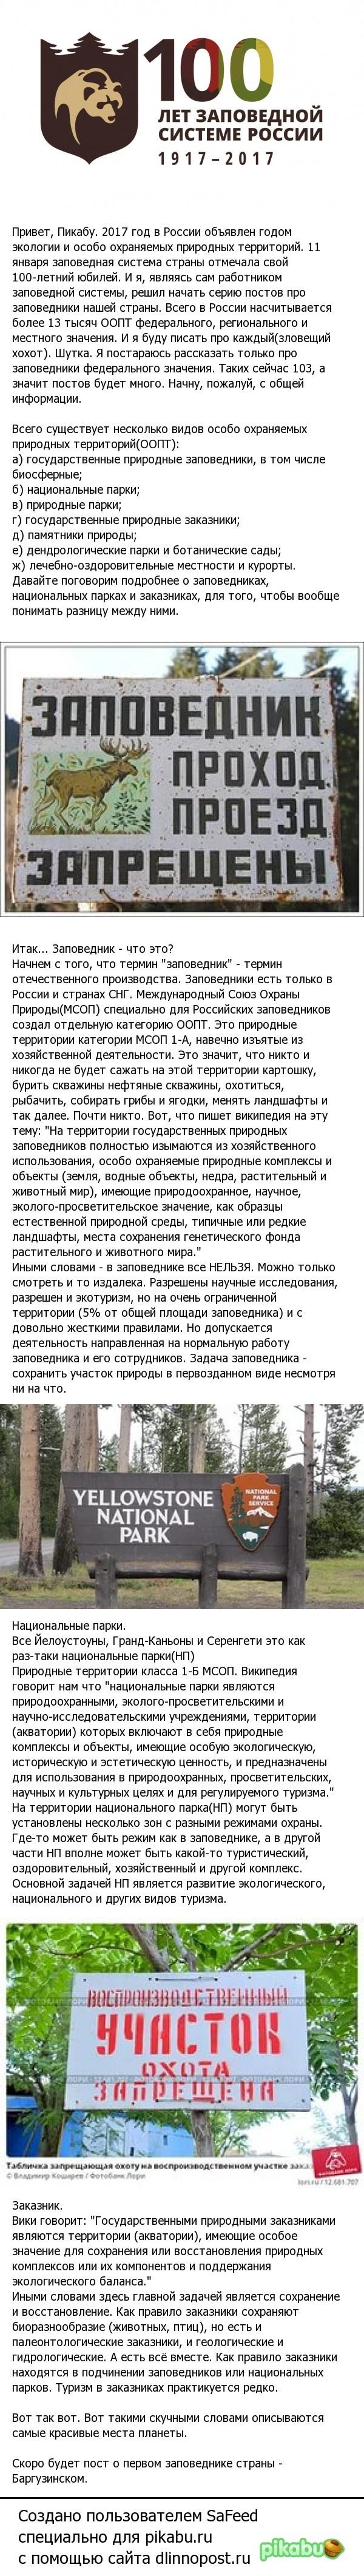 Заповедники России. Пост 1. Введение. Заповедник, Юбилей, Природа, Охрана природы, ООПТ, Длиннопост